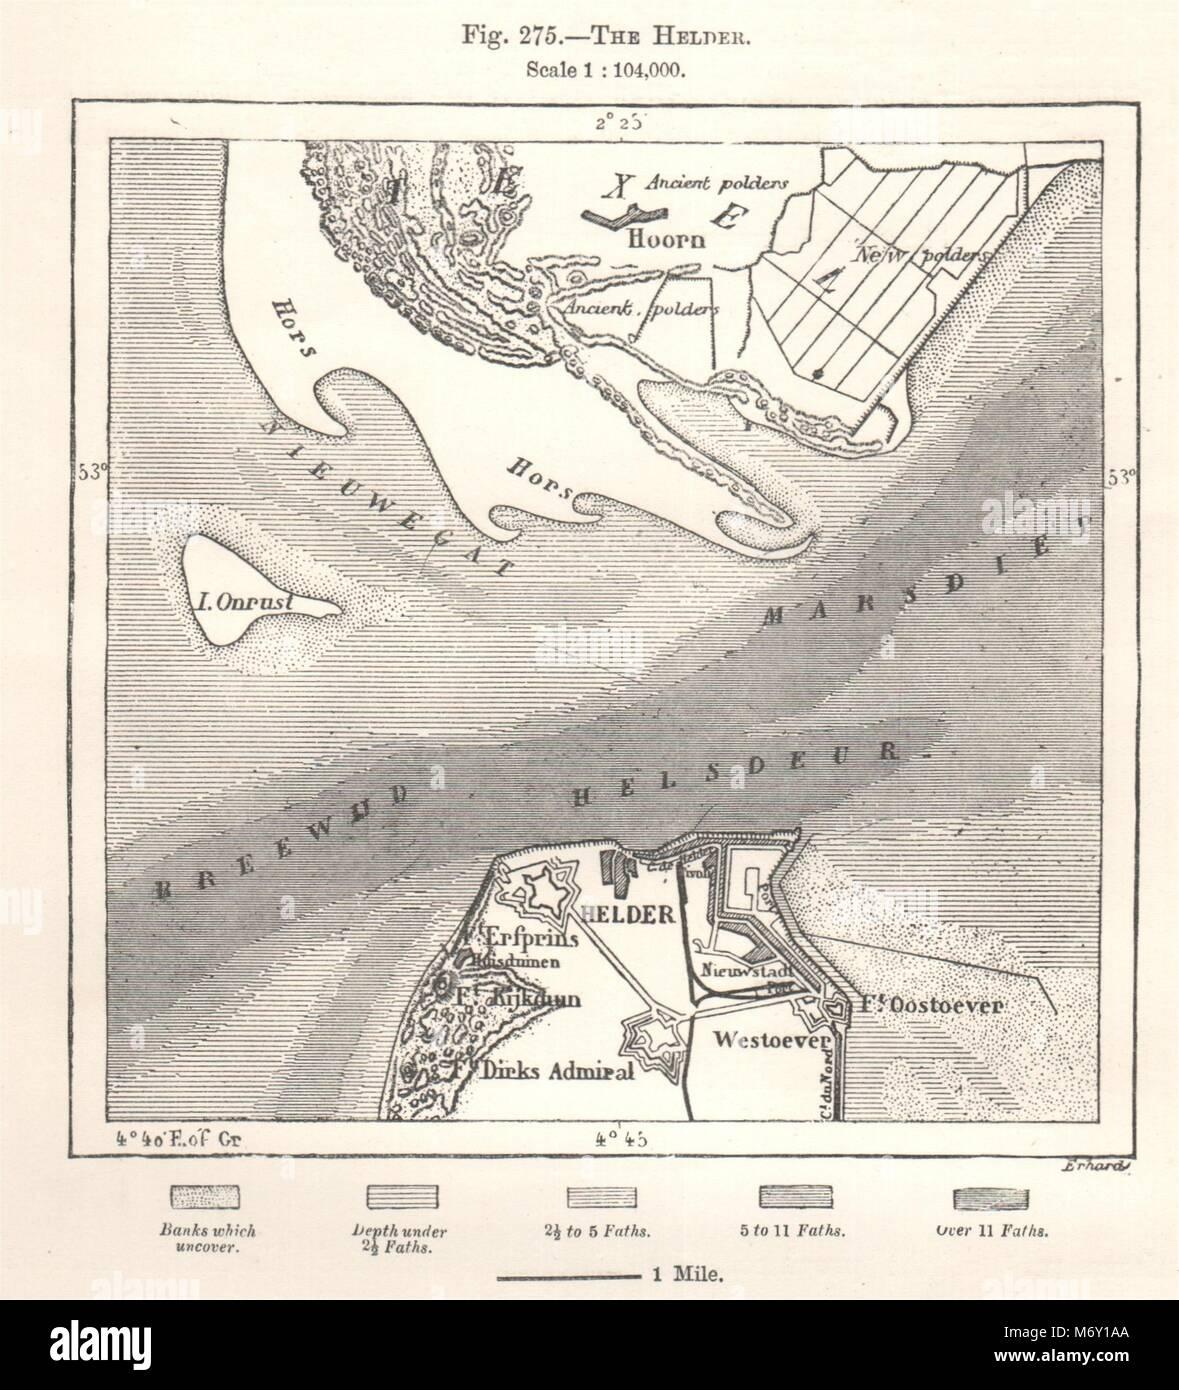 Den Hoorn Sketch map 1885 old antique Den Helder Texel Netherlands